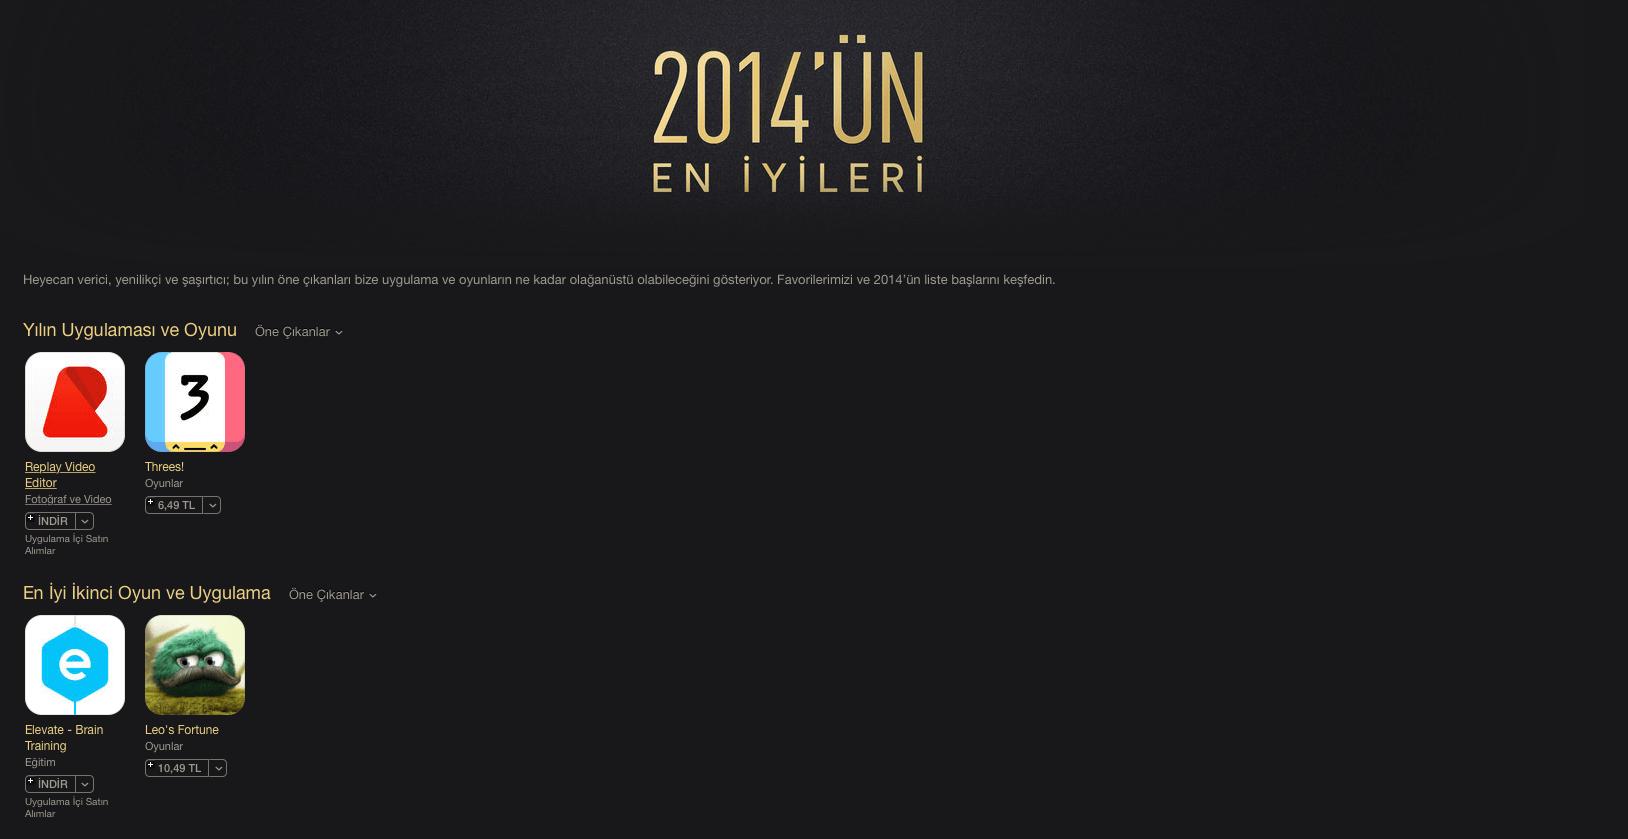 itunes-store-2014-en-iyiler-081214